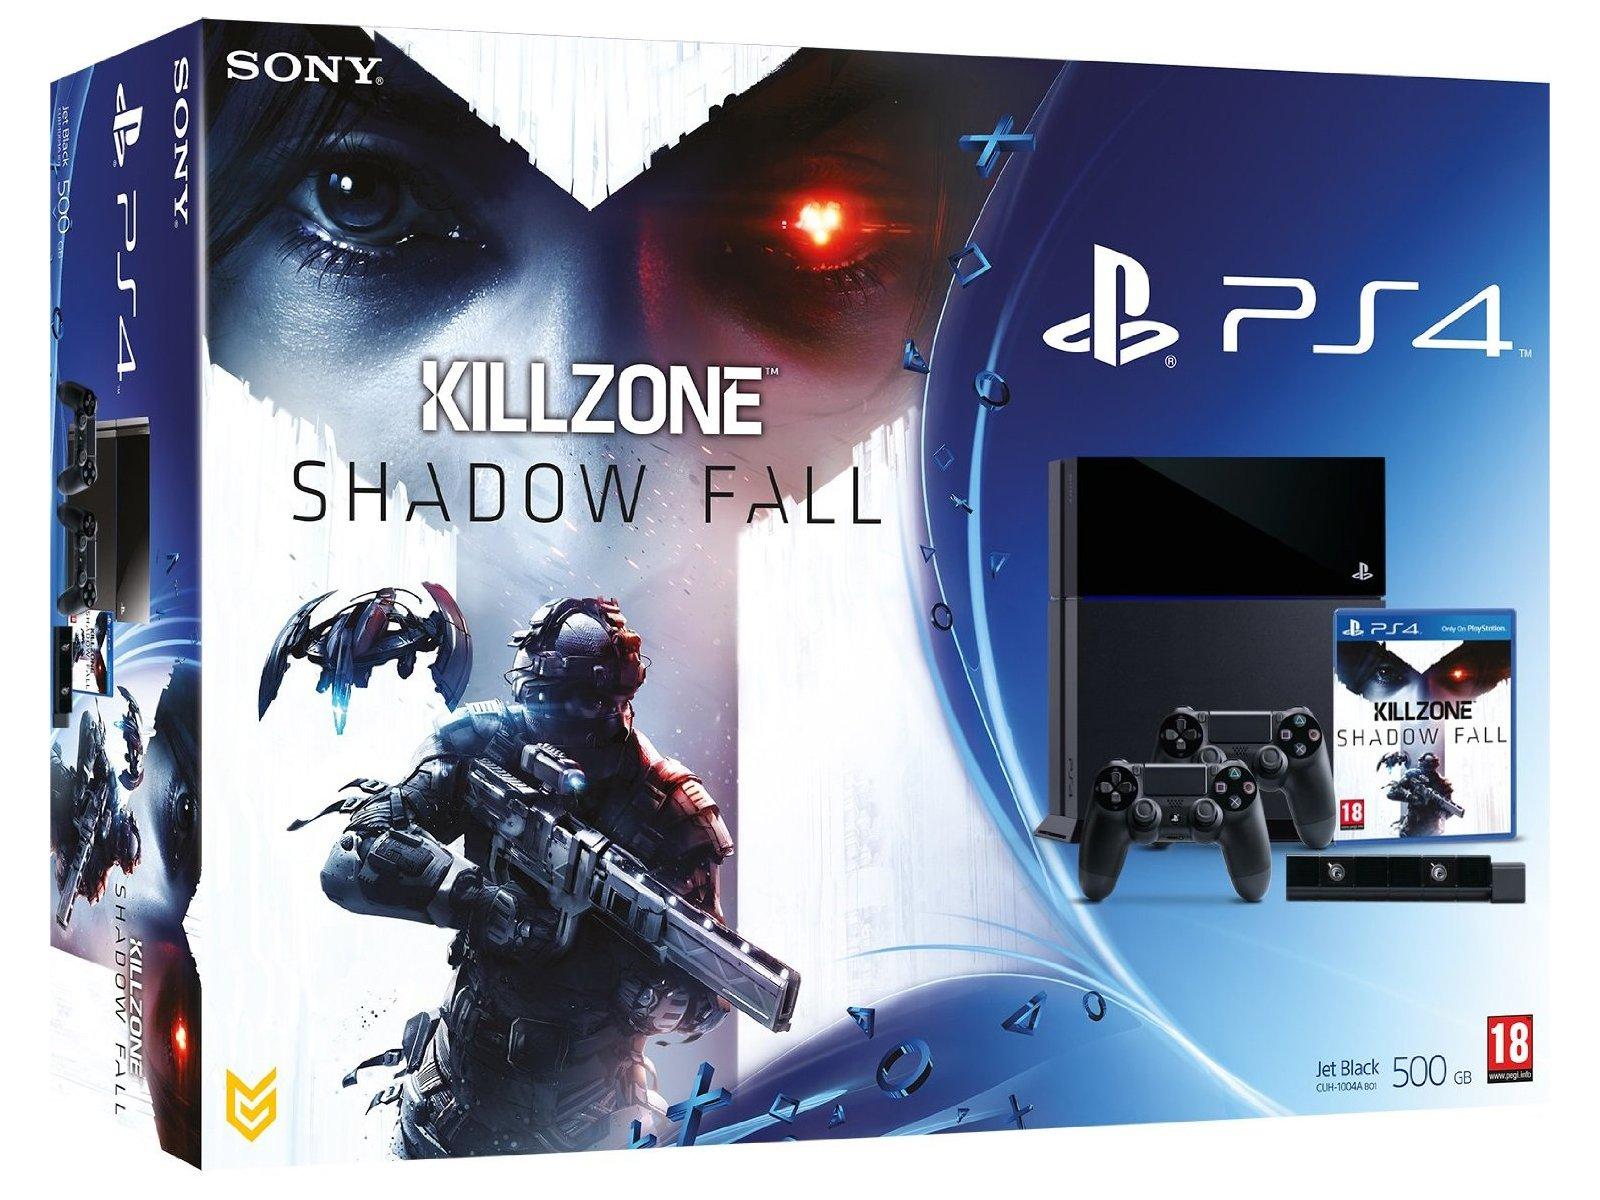 Killzone: Shadow Fall PS4 бандл замечен на Amazon за 499 Евро - Изображение 1